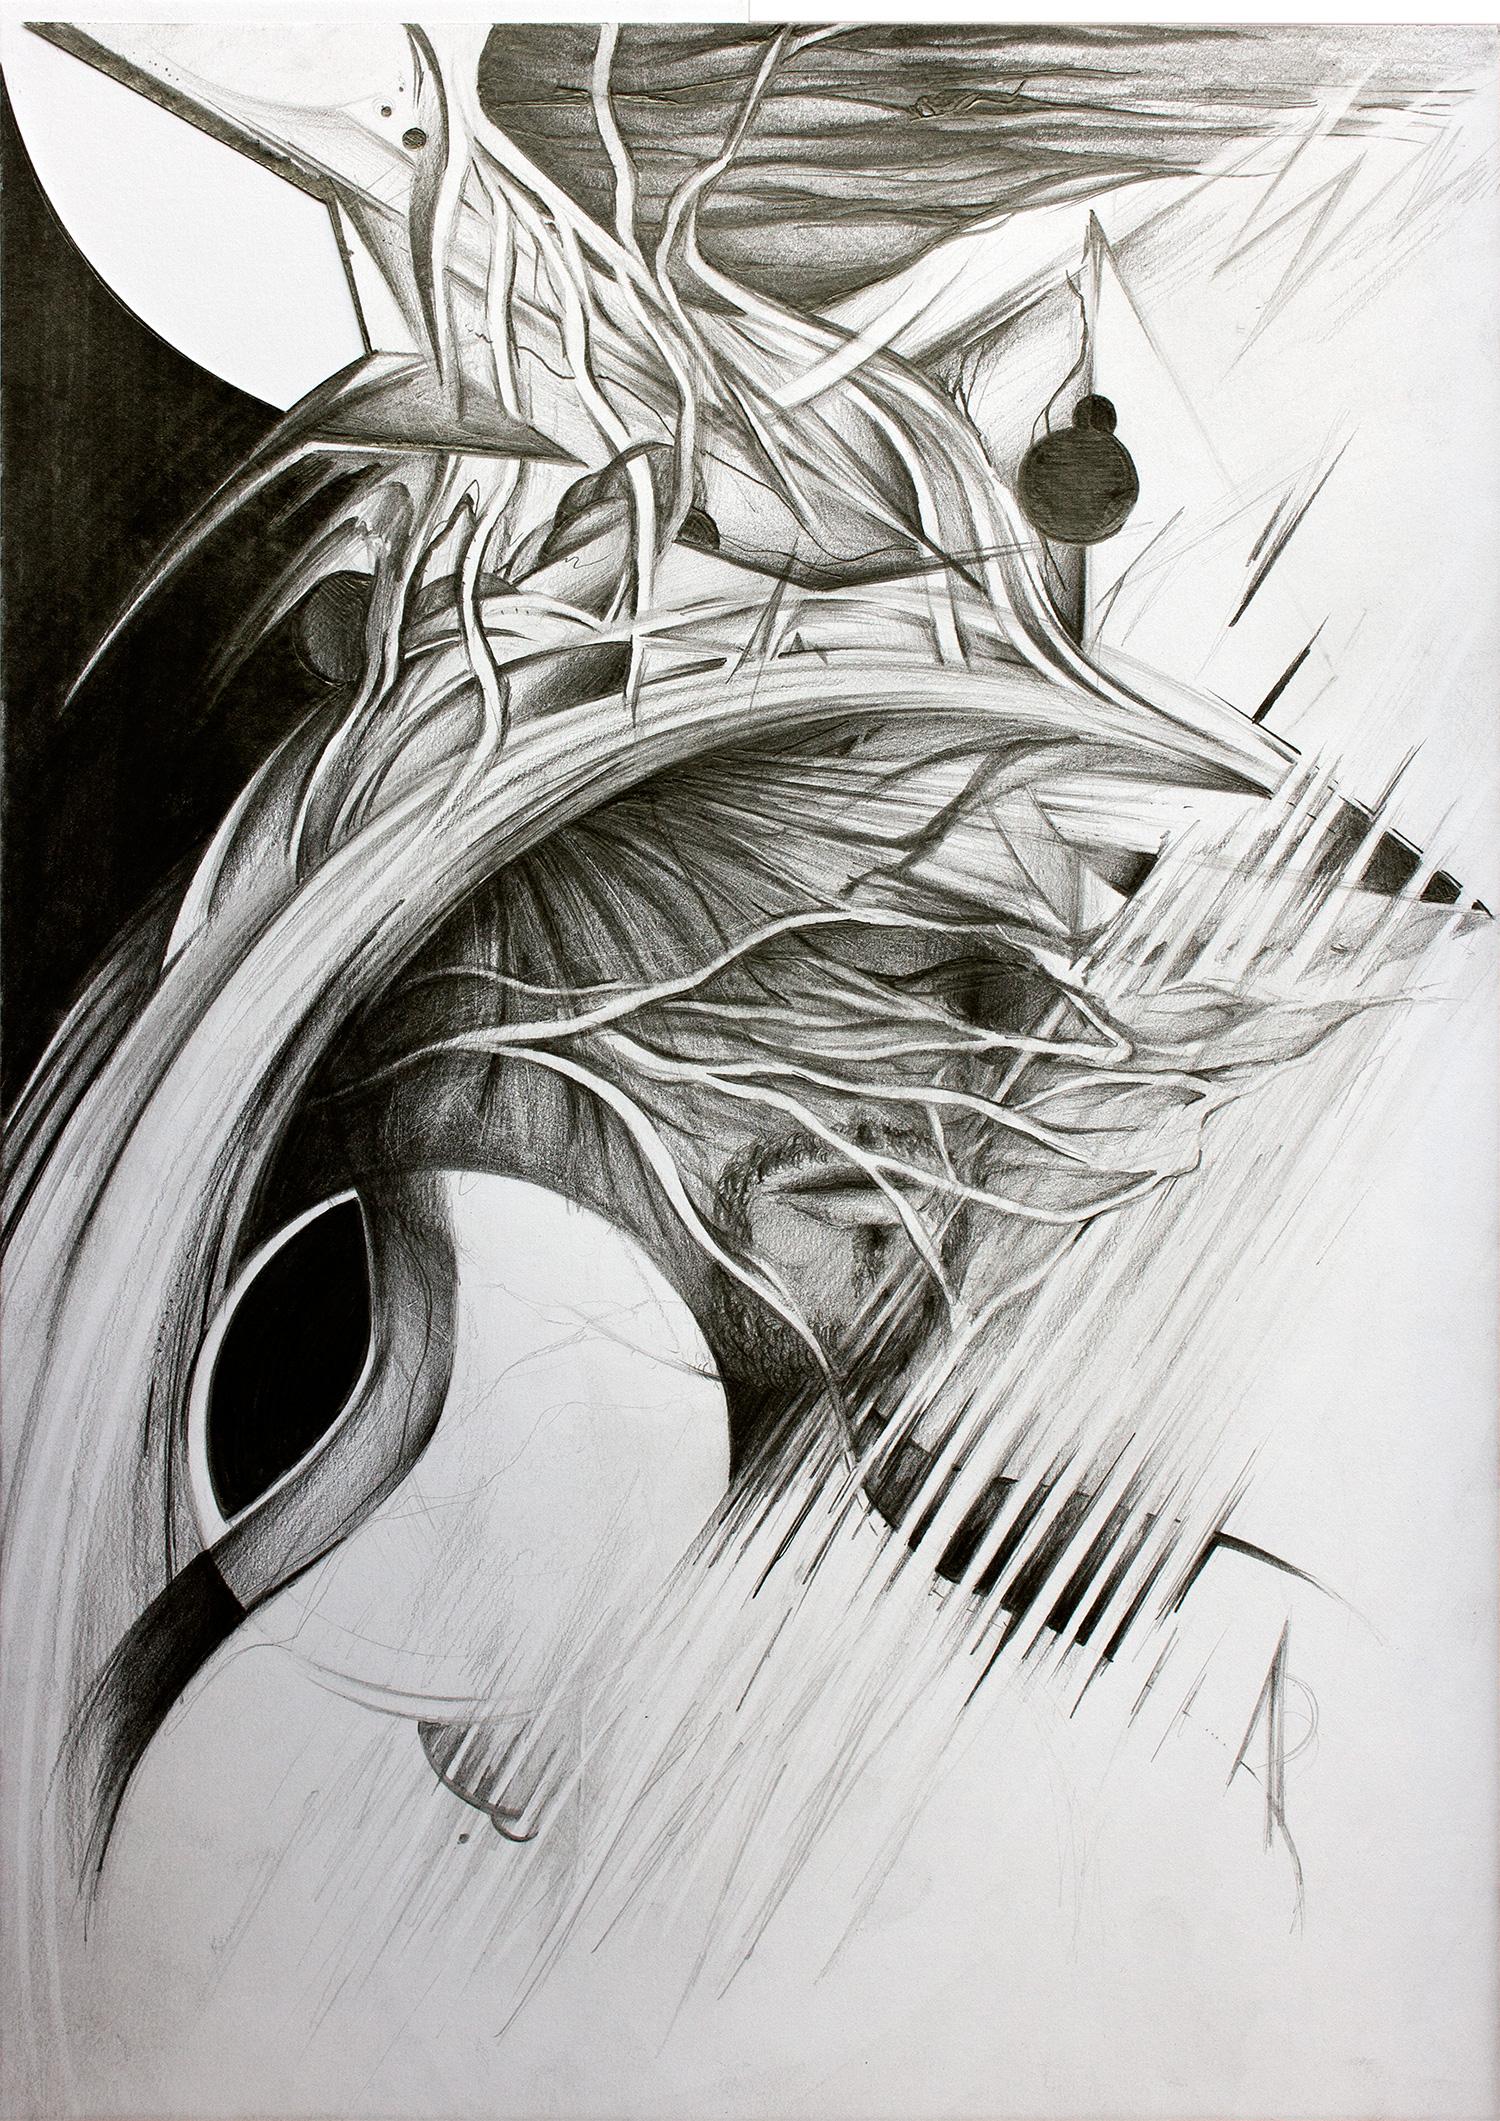 Zeichnung, Bleistift auf Papier, Porträt mit Wurzeln, 2020